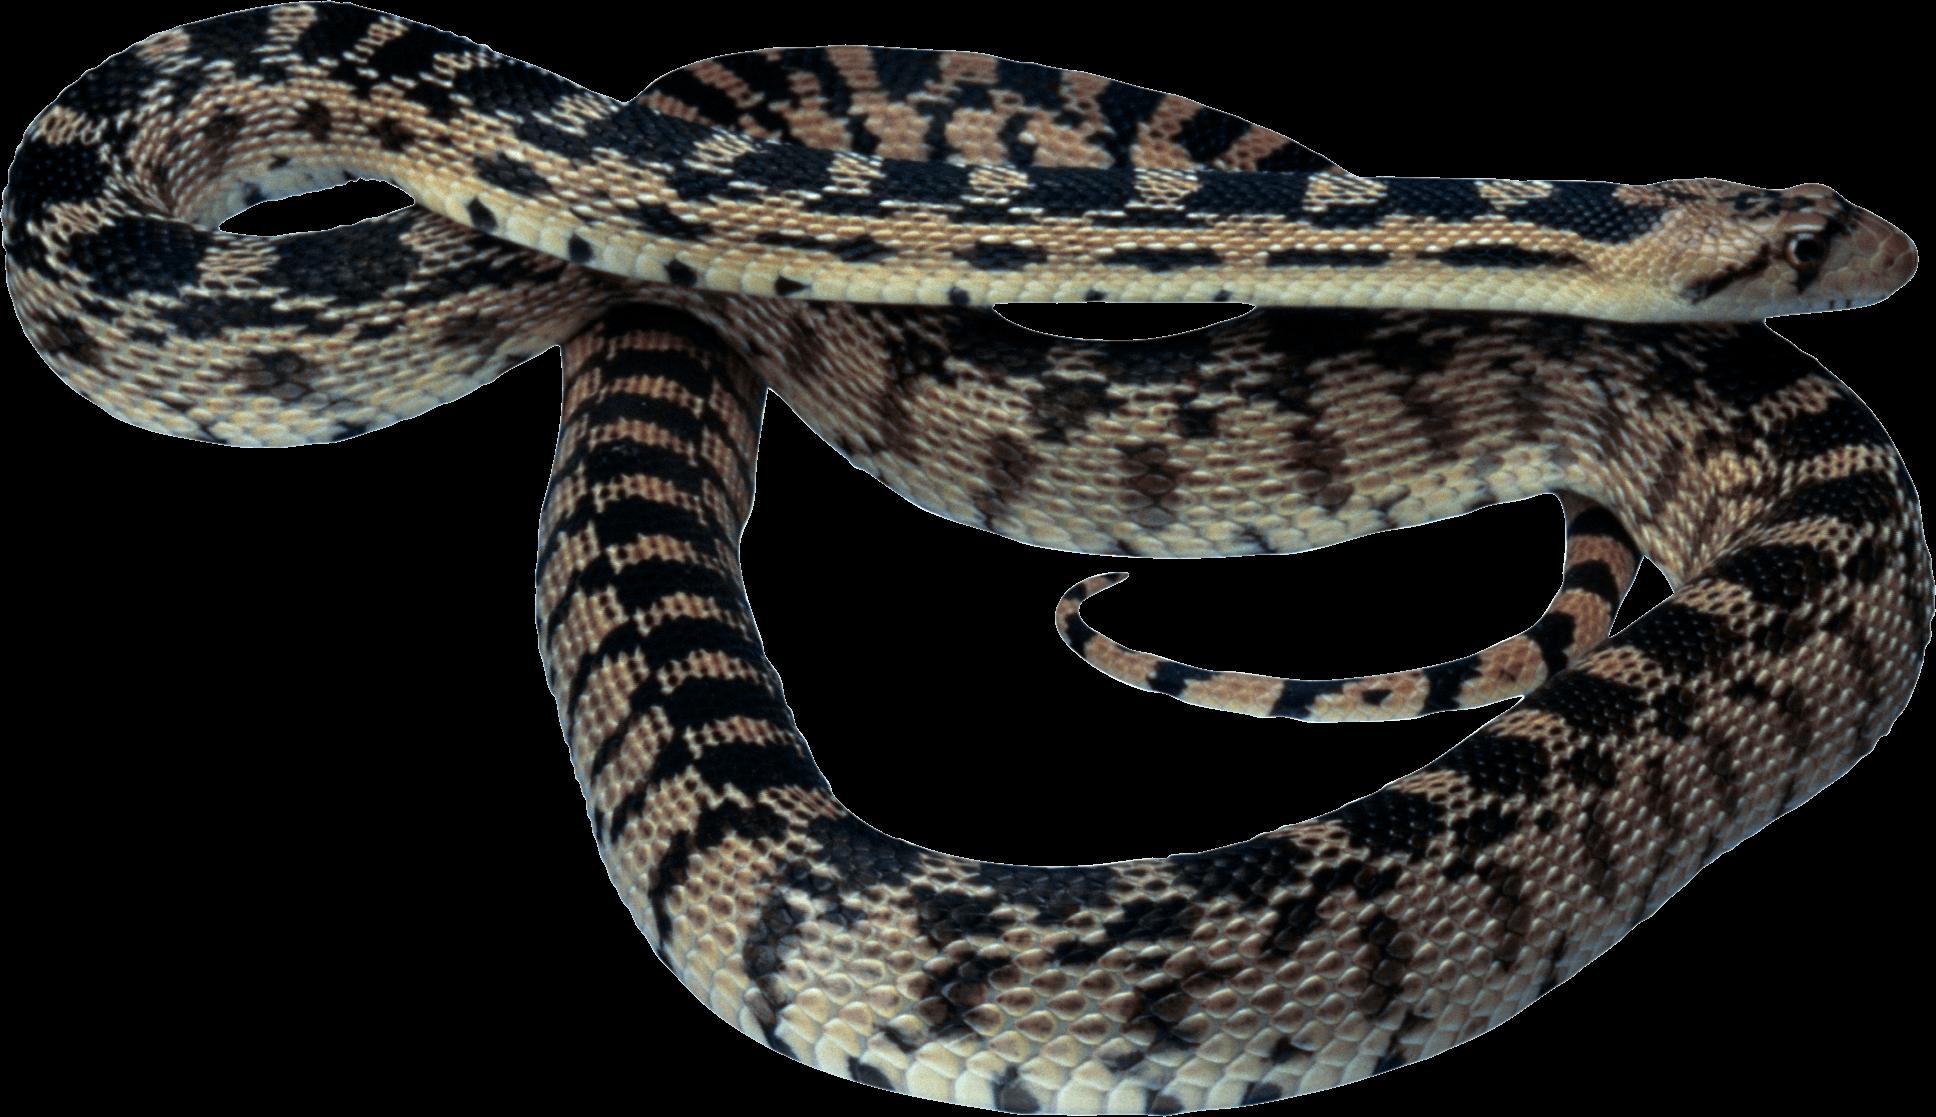 Png image purepng free. Snake clipart rattlesnake